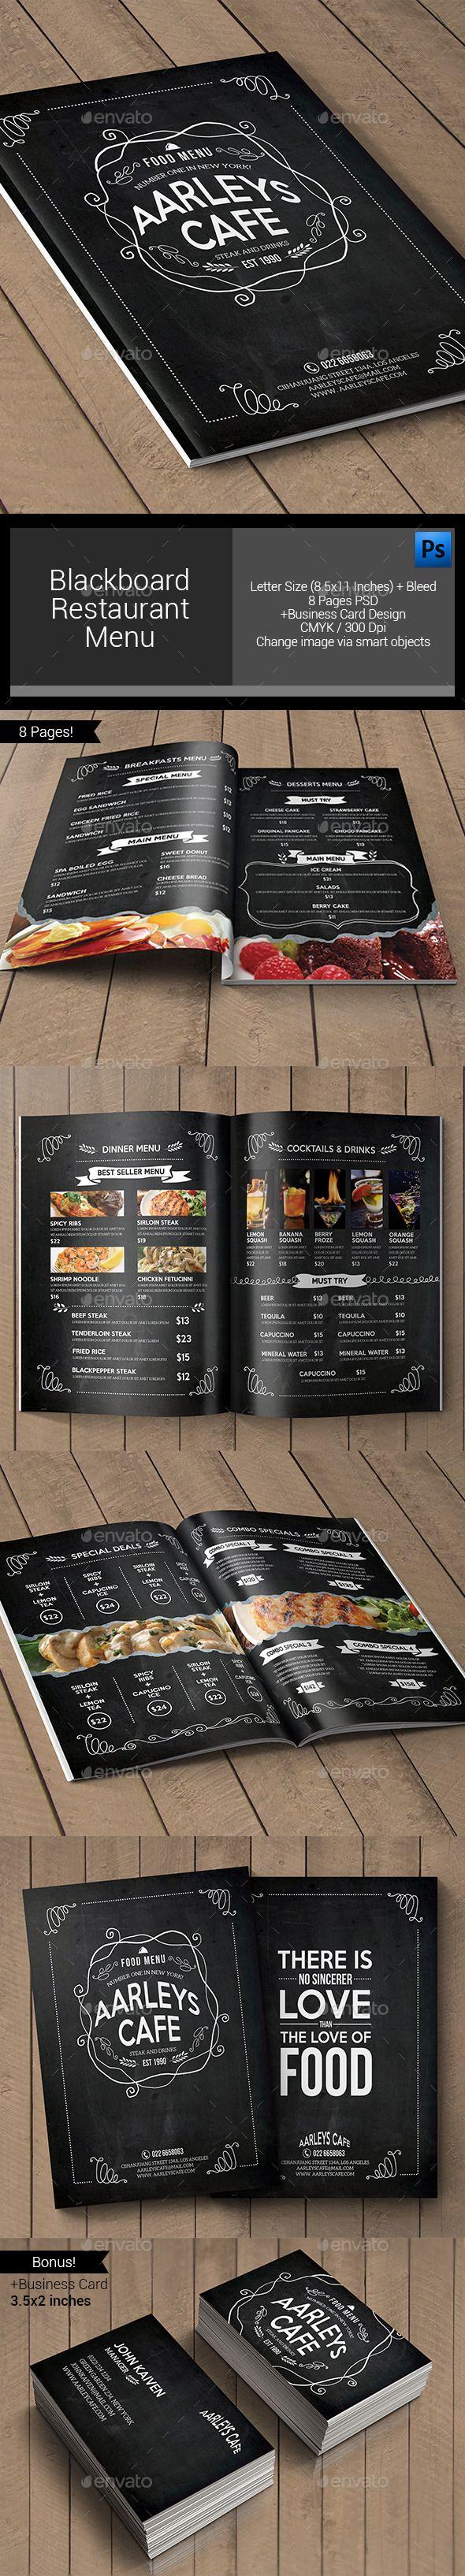 39 best restaurant design images on pinterest food menu